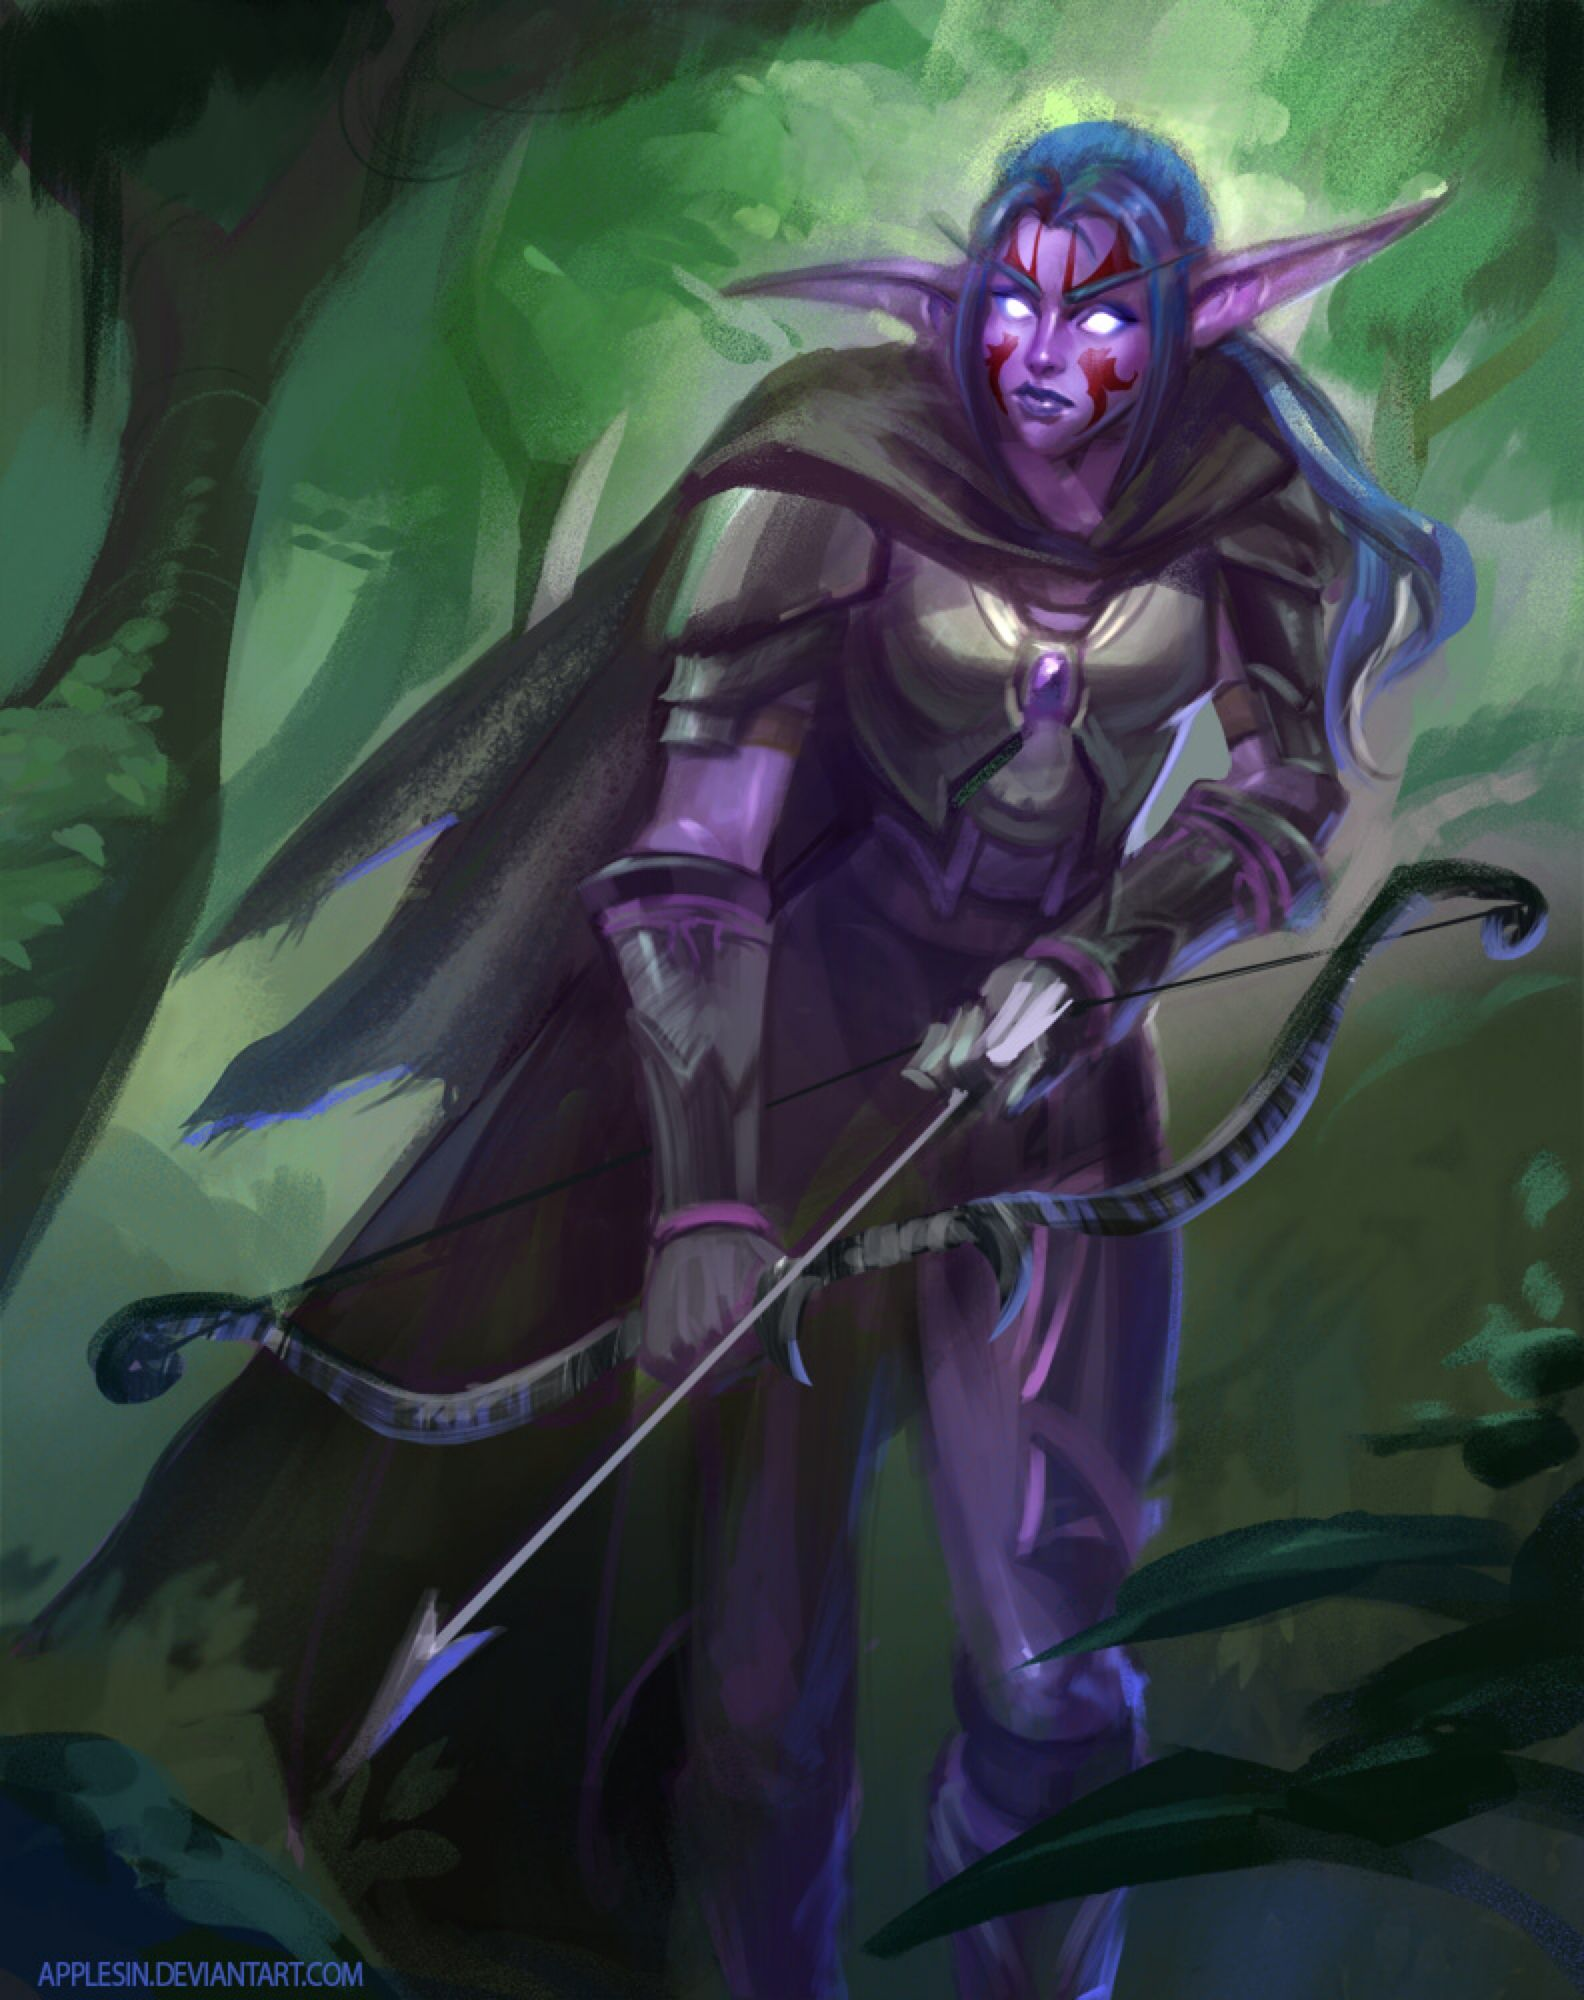 Wow Night Elf Commish By Applesin On Deviantart Night Elf Fantasy Female Warrior Elf Warrior